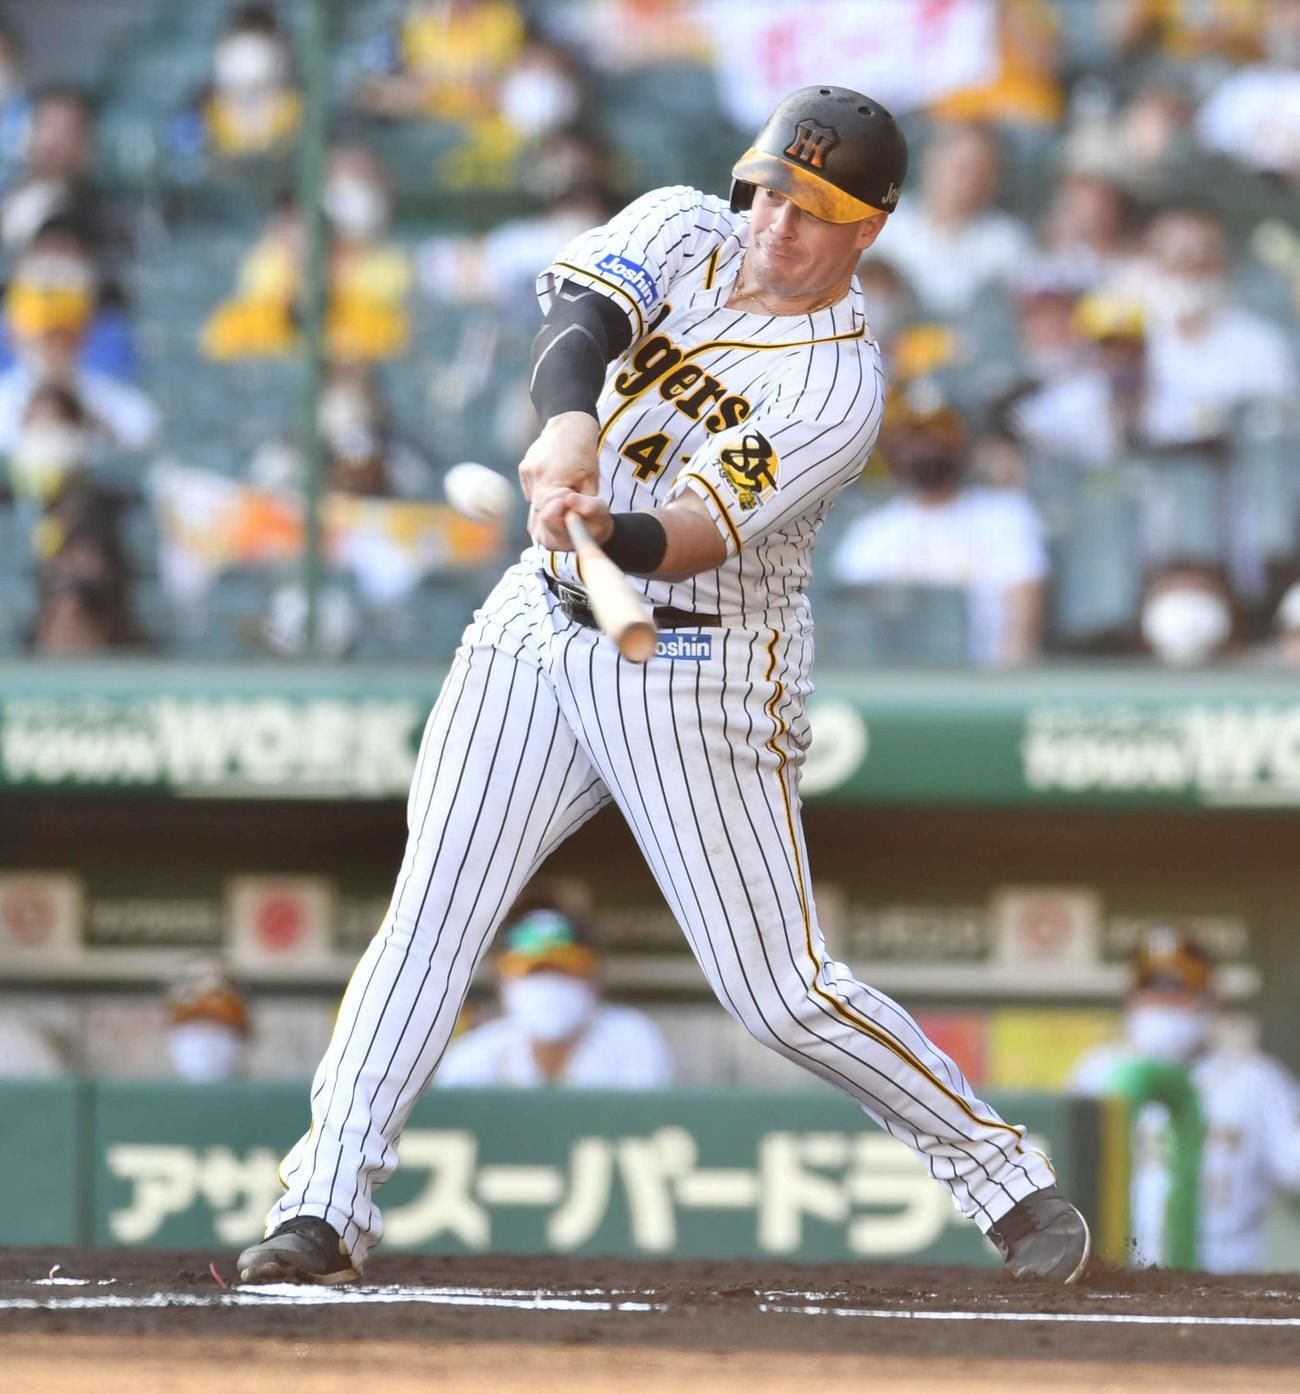 阪神対DeNA 6回裏阪神1死、ボーアはバックスクリーンへ同点本塁打を放つ(撮影・岩下翔太)